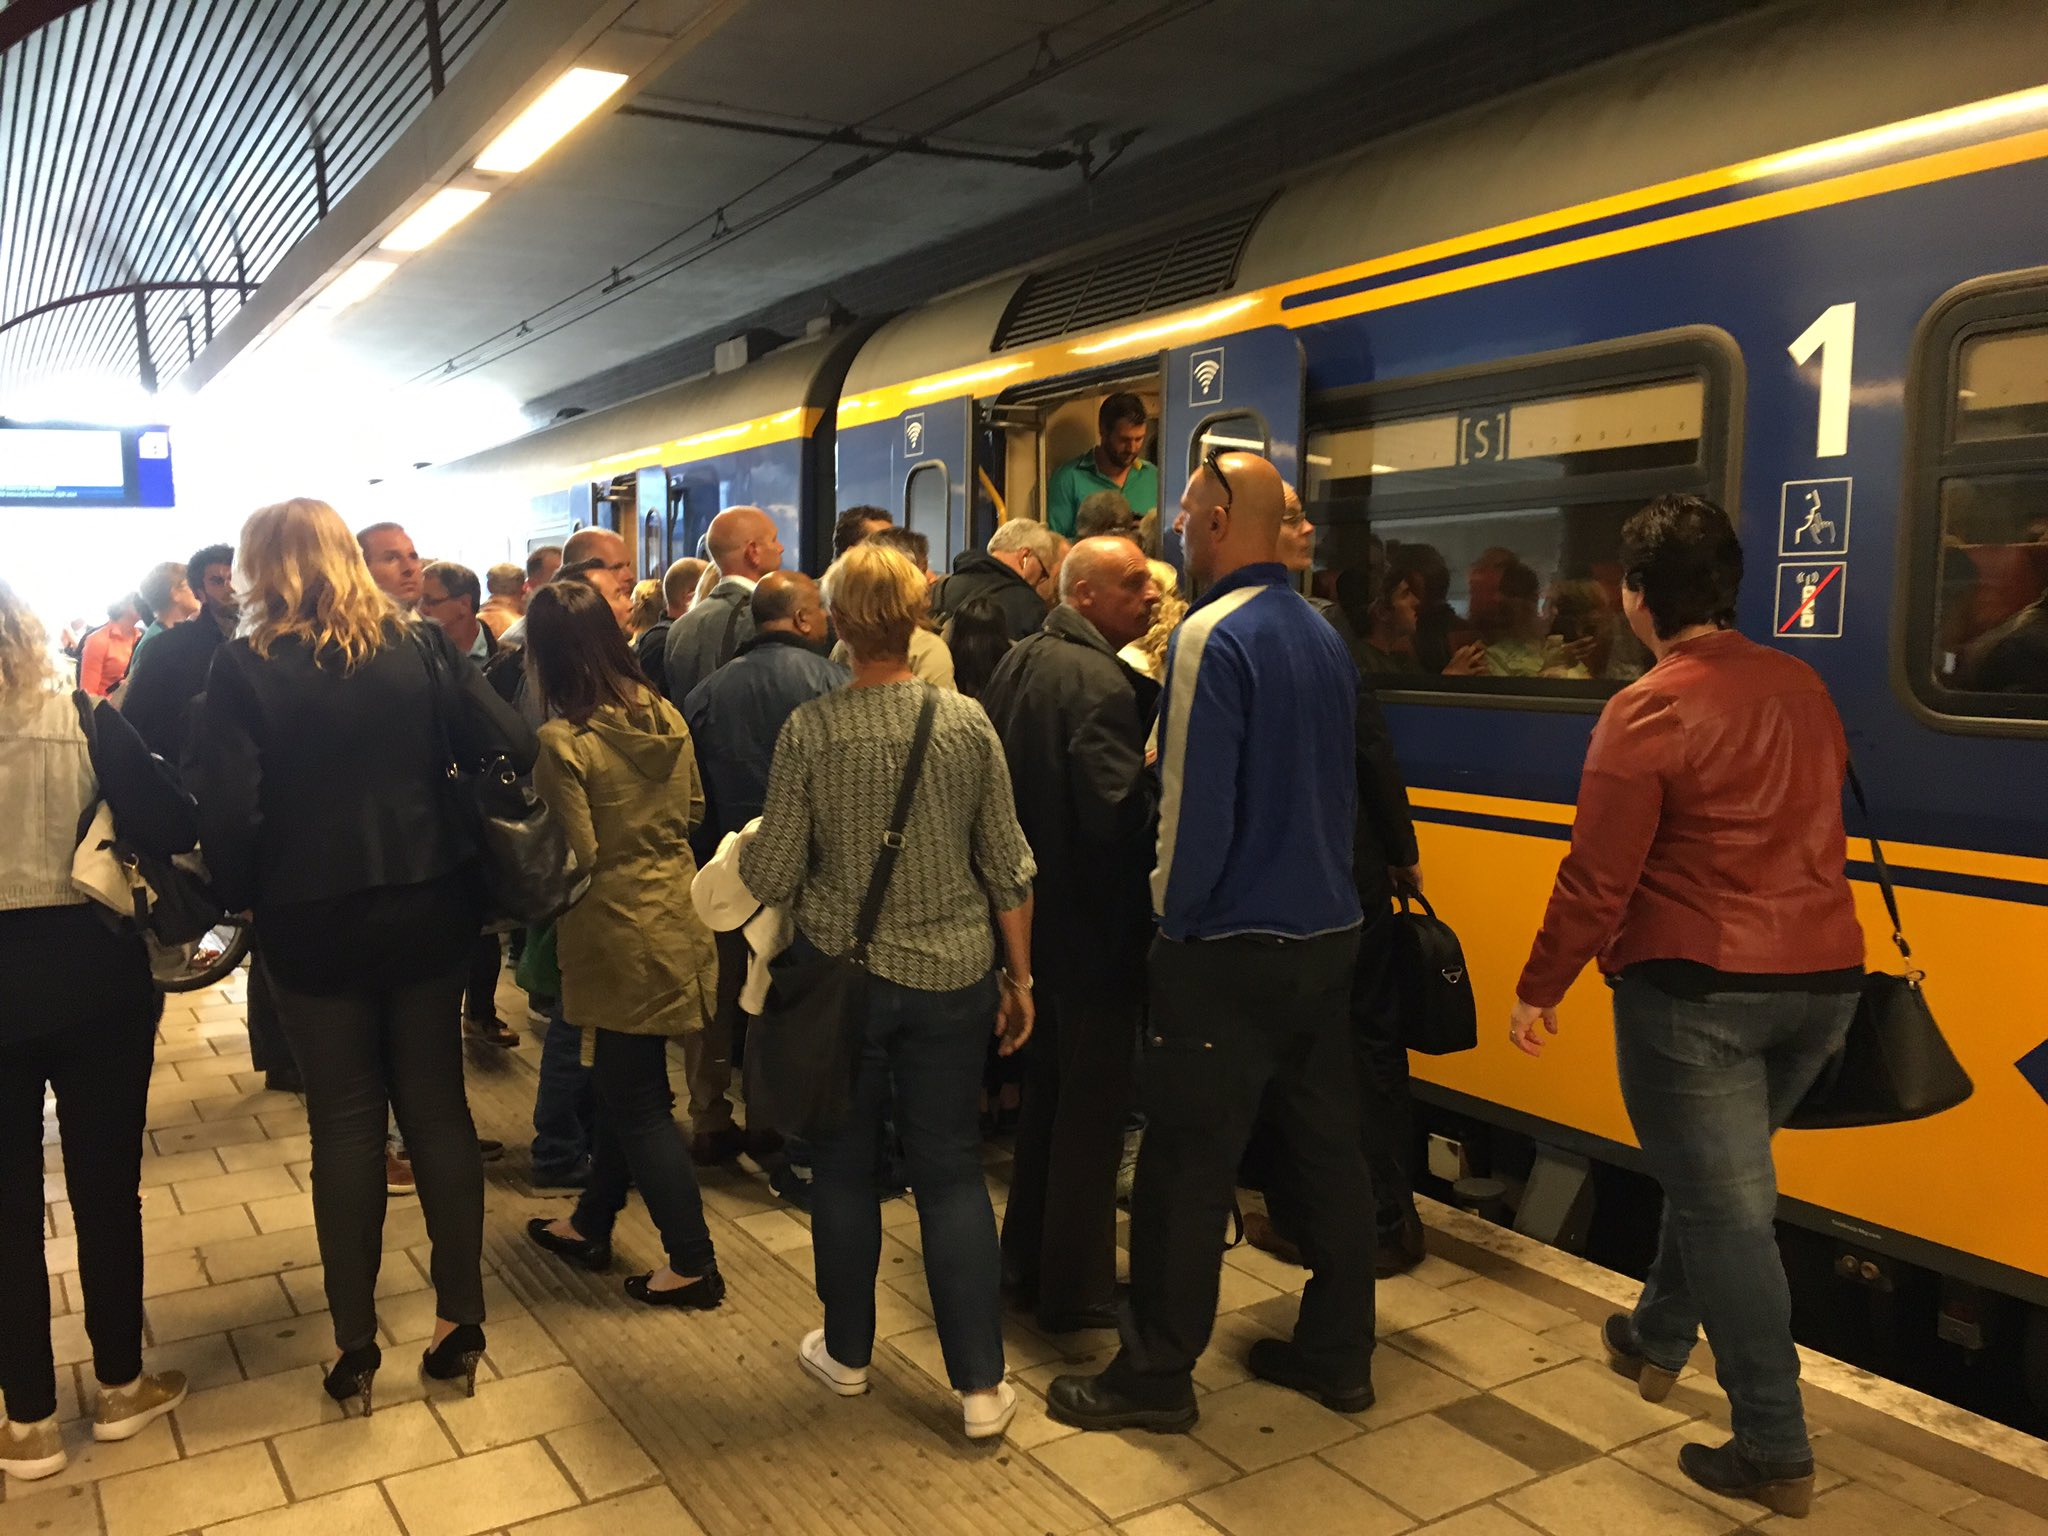 Passagiers blijven achter op perron; Trein overvol